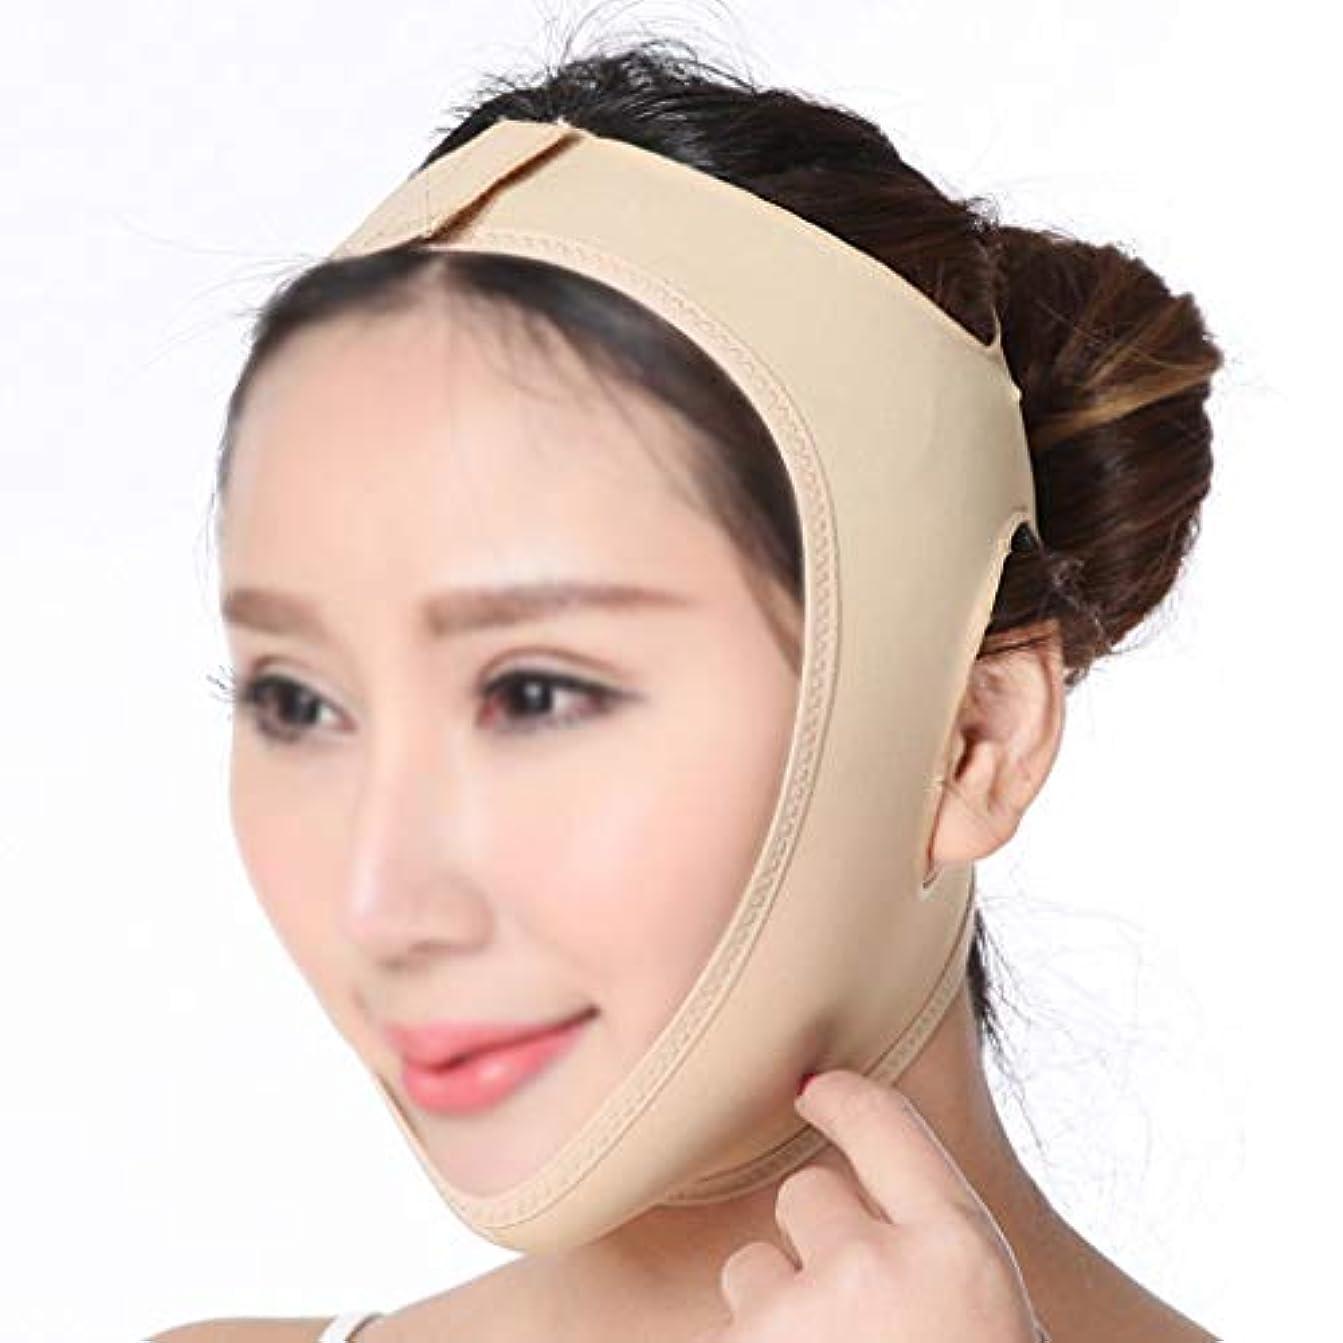 アシスタント受信なだめるTLMY 薄い顔のアーティファクトVマスク薄い顔の包帯/顔の引き締め痩身包帯通気性二重あご減量マスク 顔用整形マスク (Size : L)